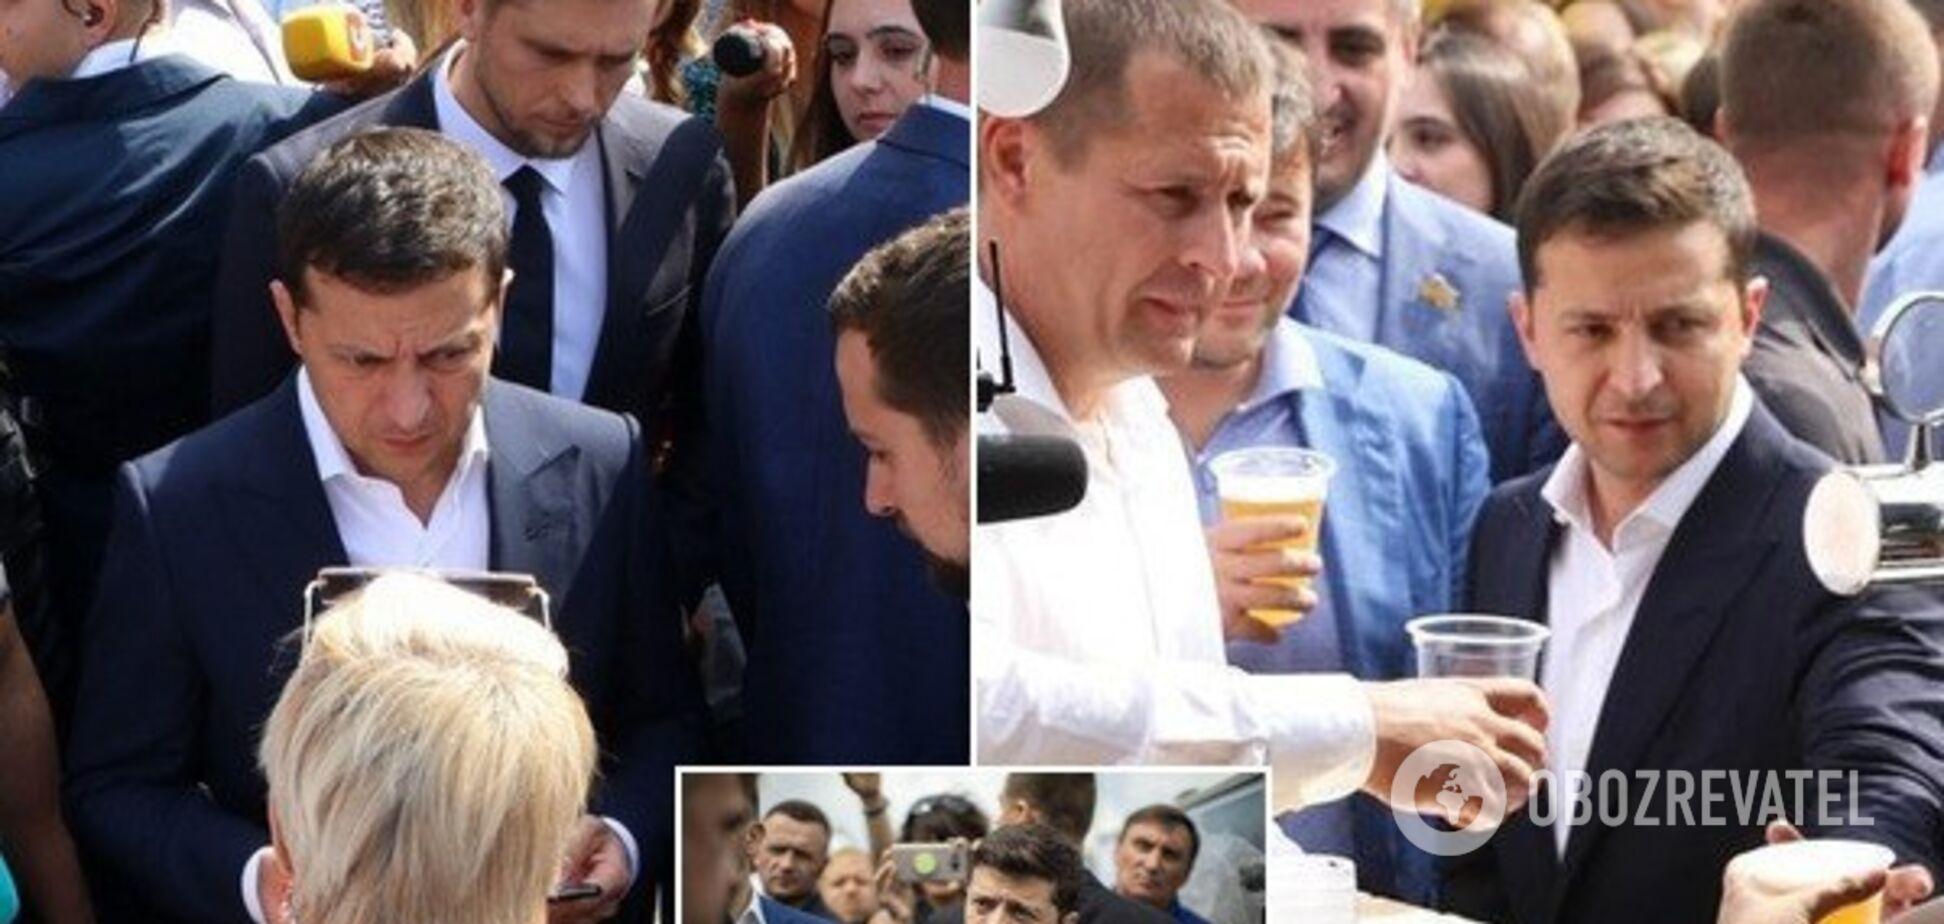 Поступився місцем дитині і присоромив Богдана: чим запам'ятався візит Зеленського в Дніпро